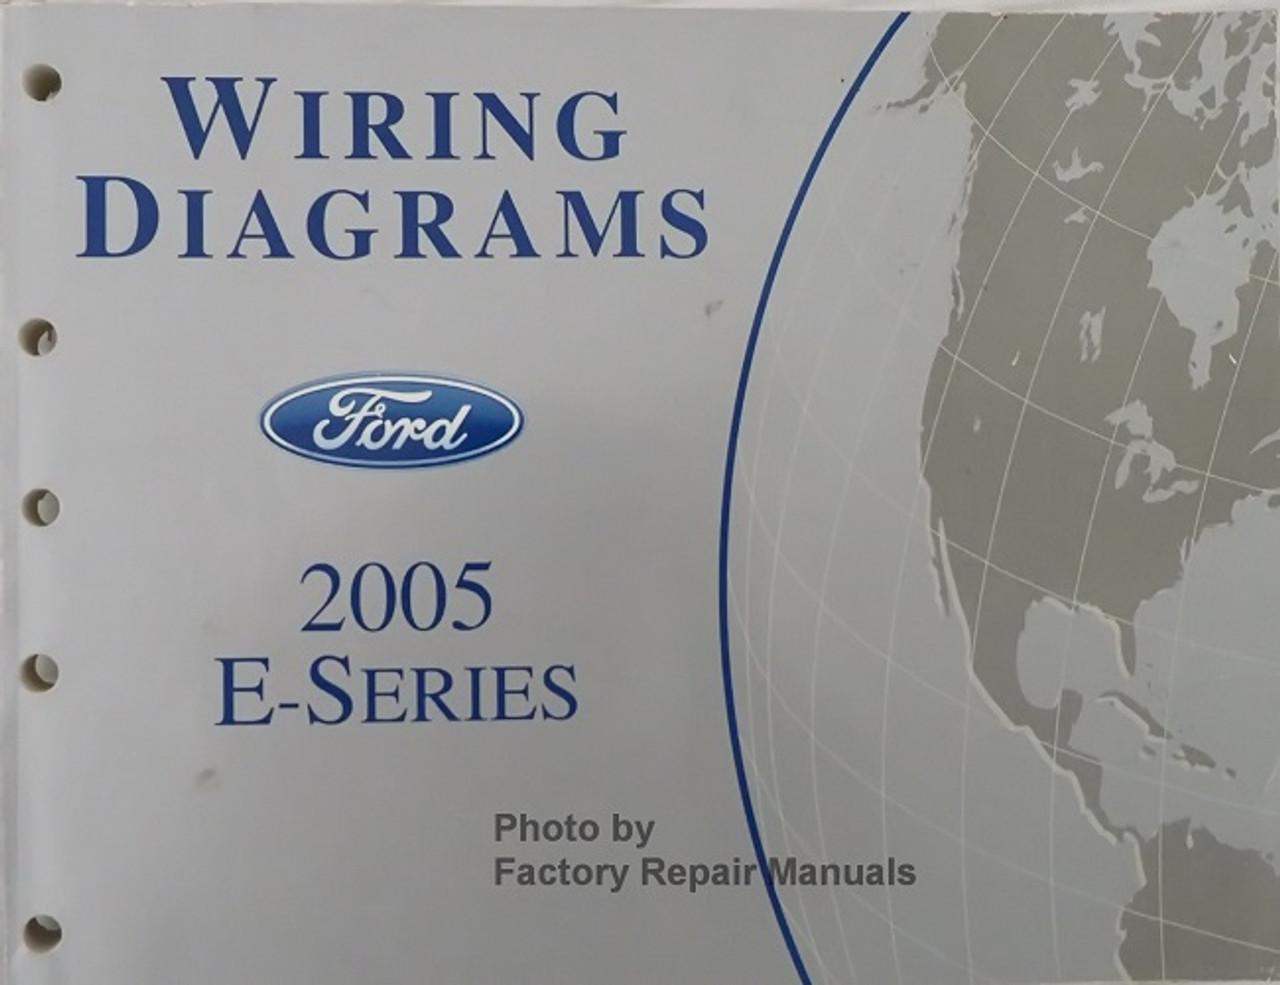 1969 Ford Bronco And Econoline Wiring Diagrams E100 E200 E300 Van Club Wagon